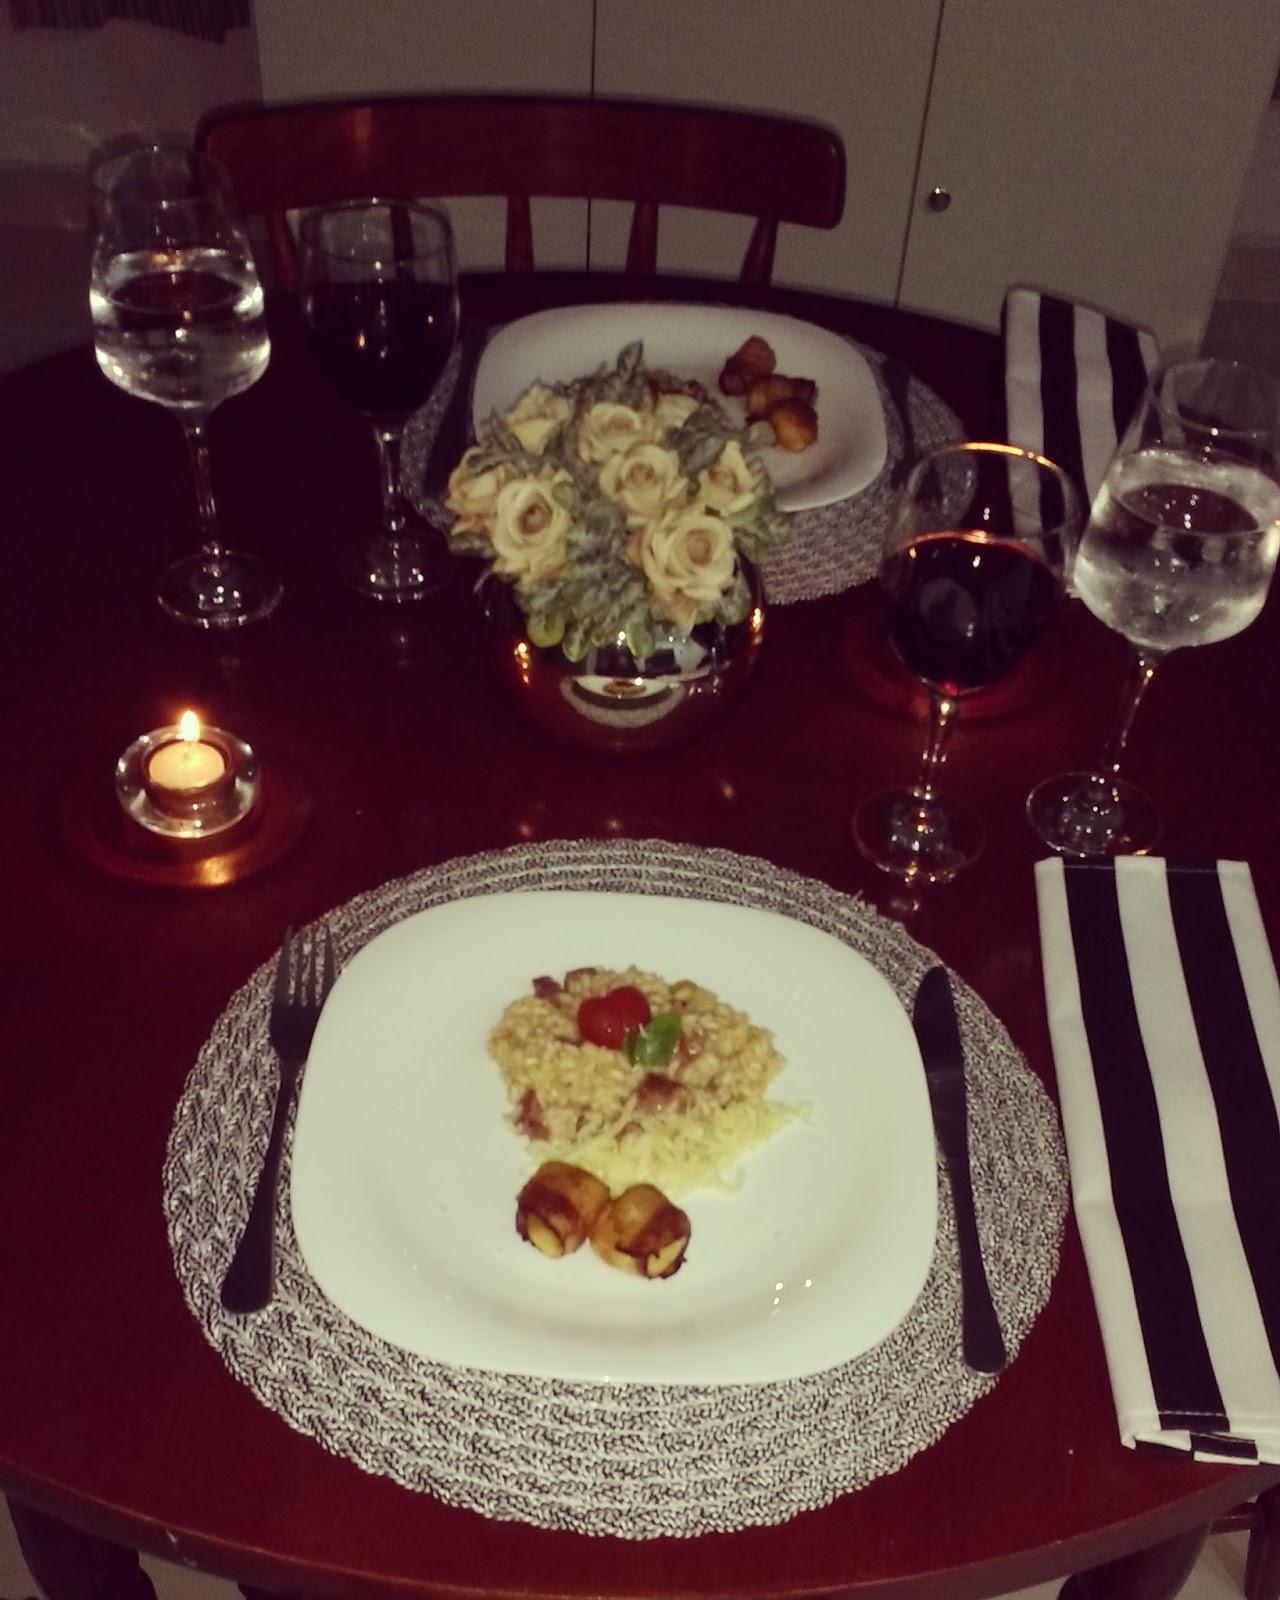 Muitas vezes Casadíssima: Jantar romântico - aniversário de 8 anos de namoro BZ76